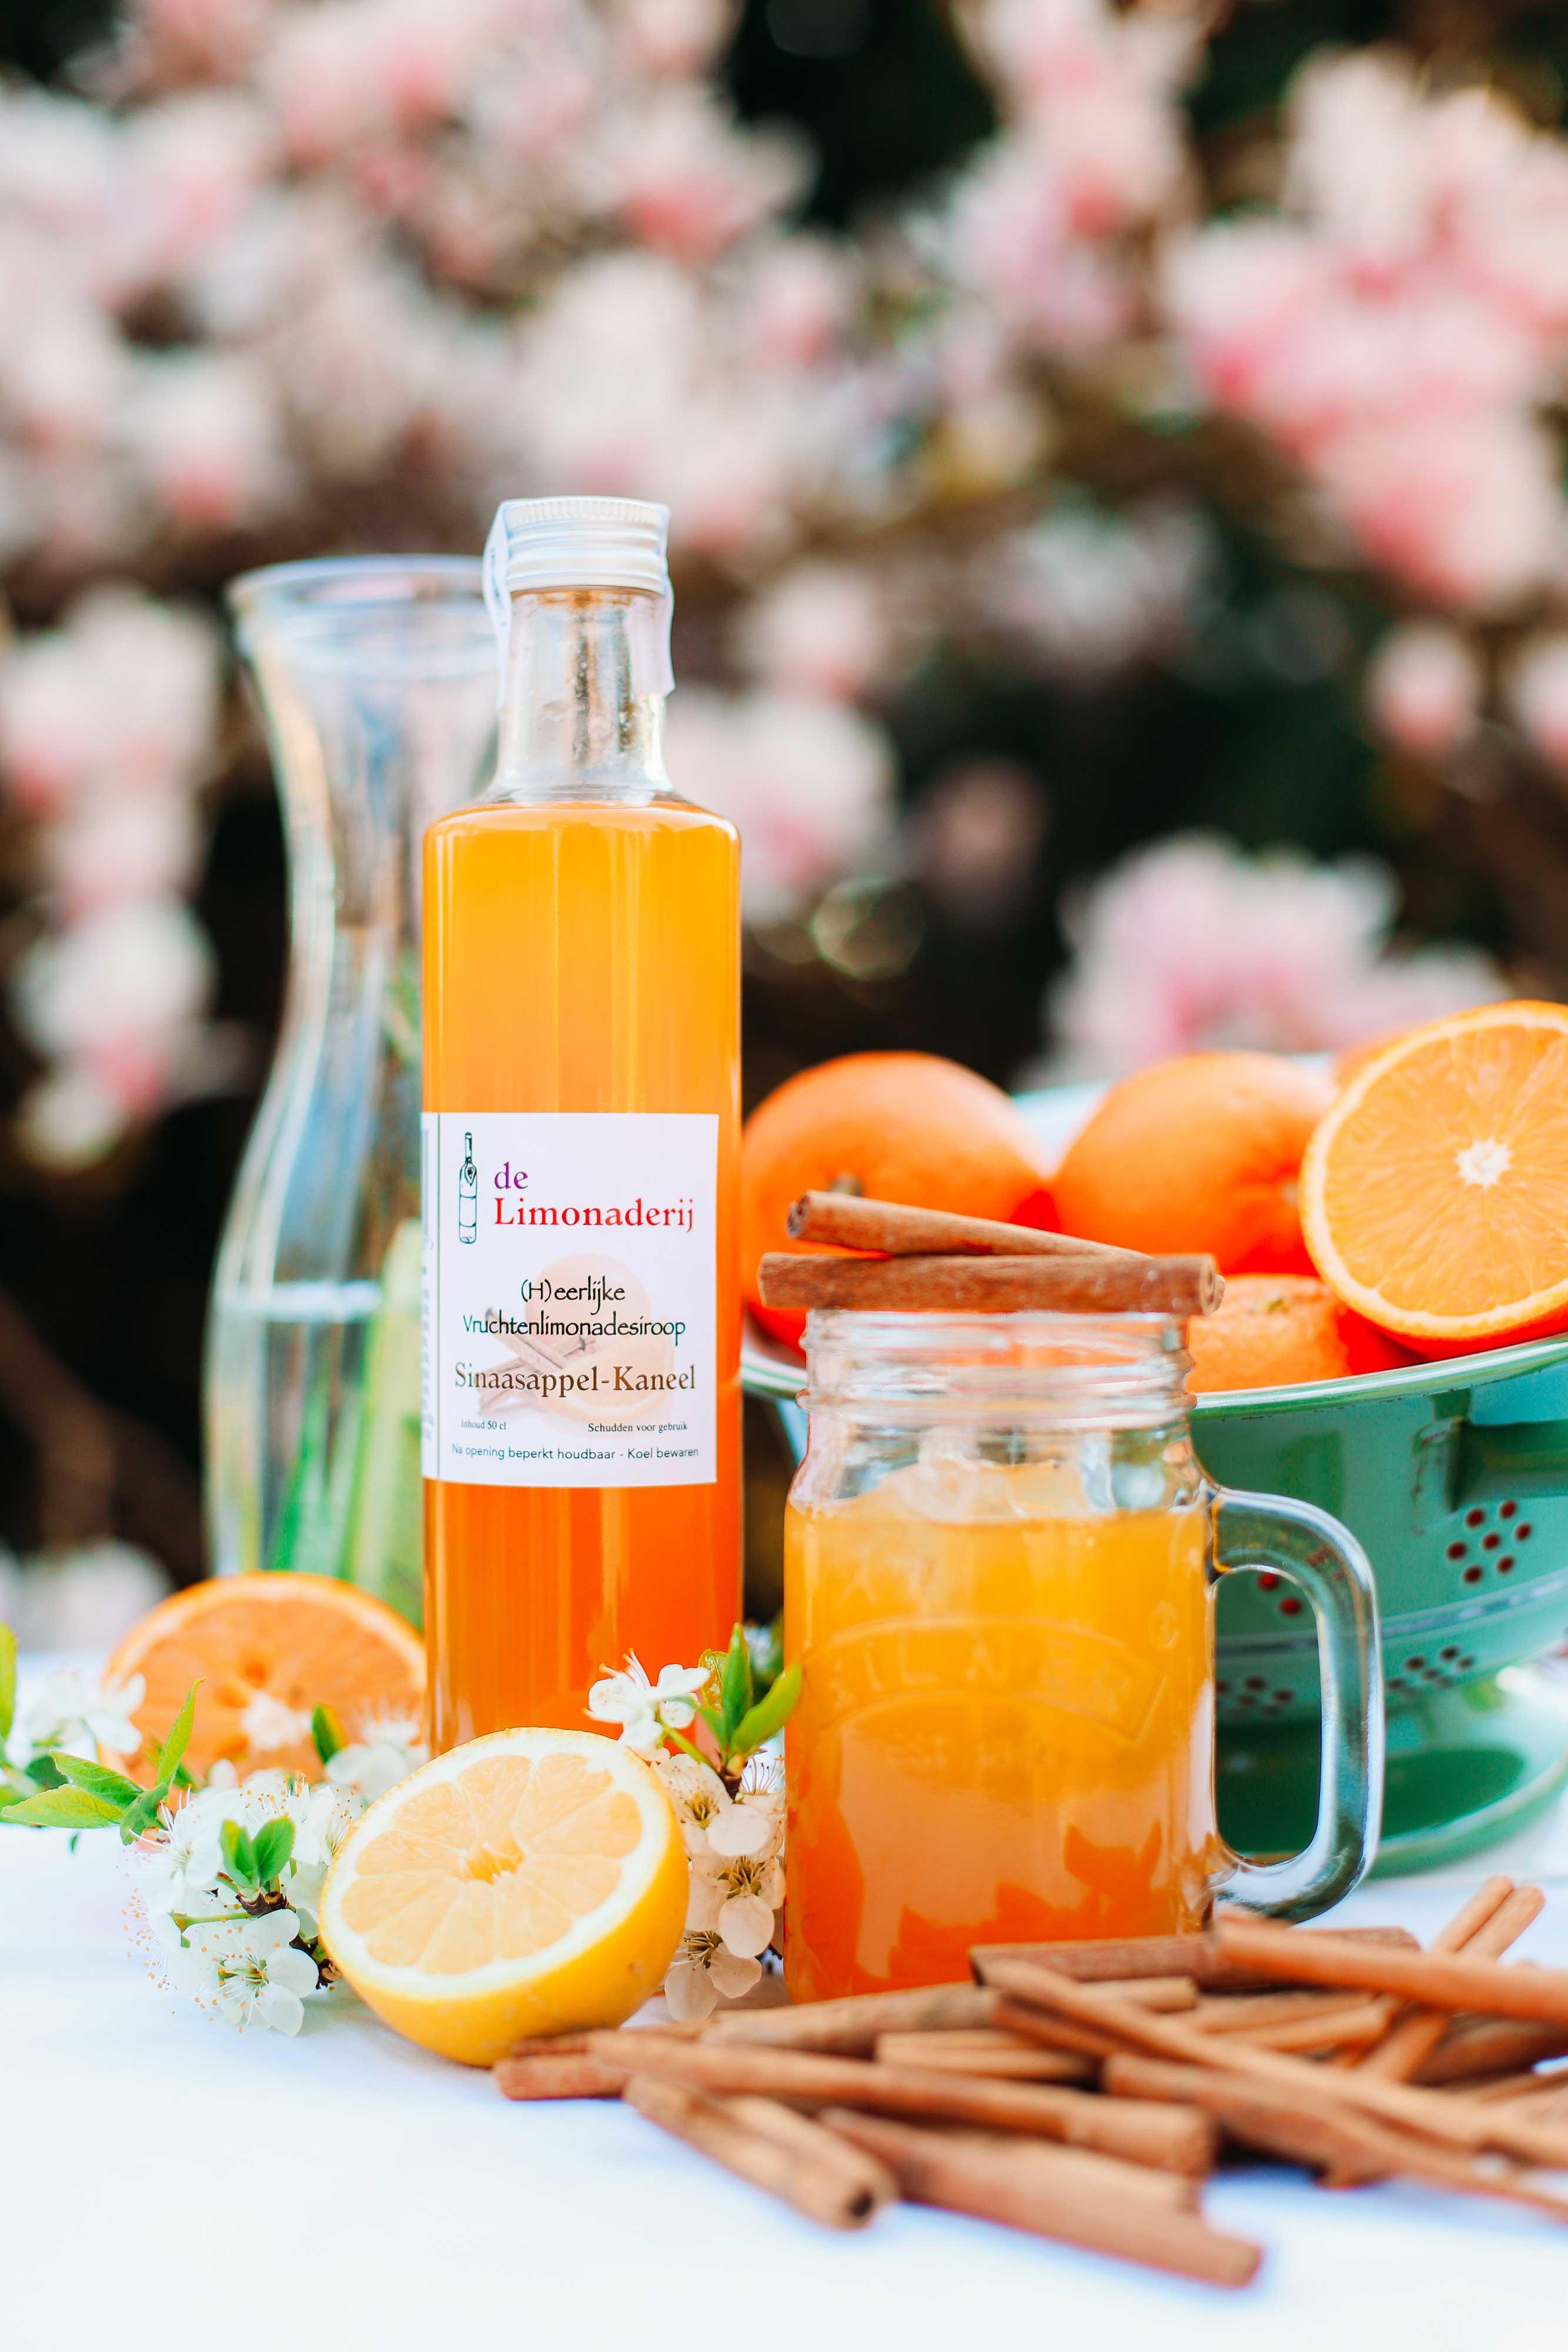 Limonade siroop <br /> Sinaasappel-Kaneel